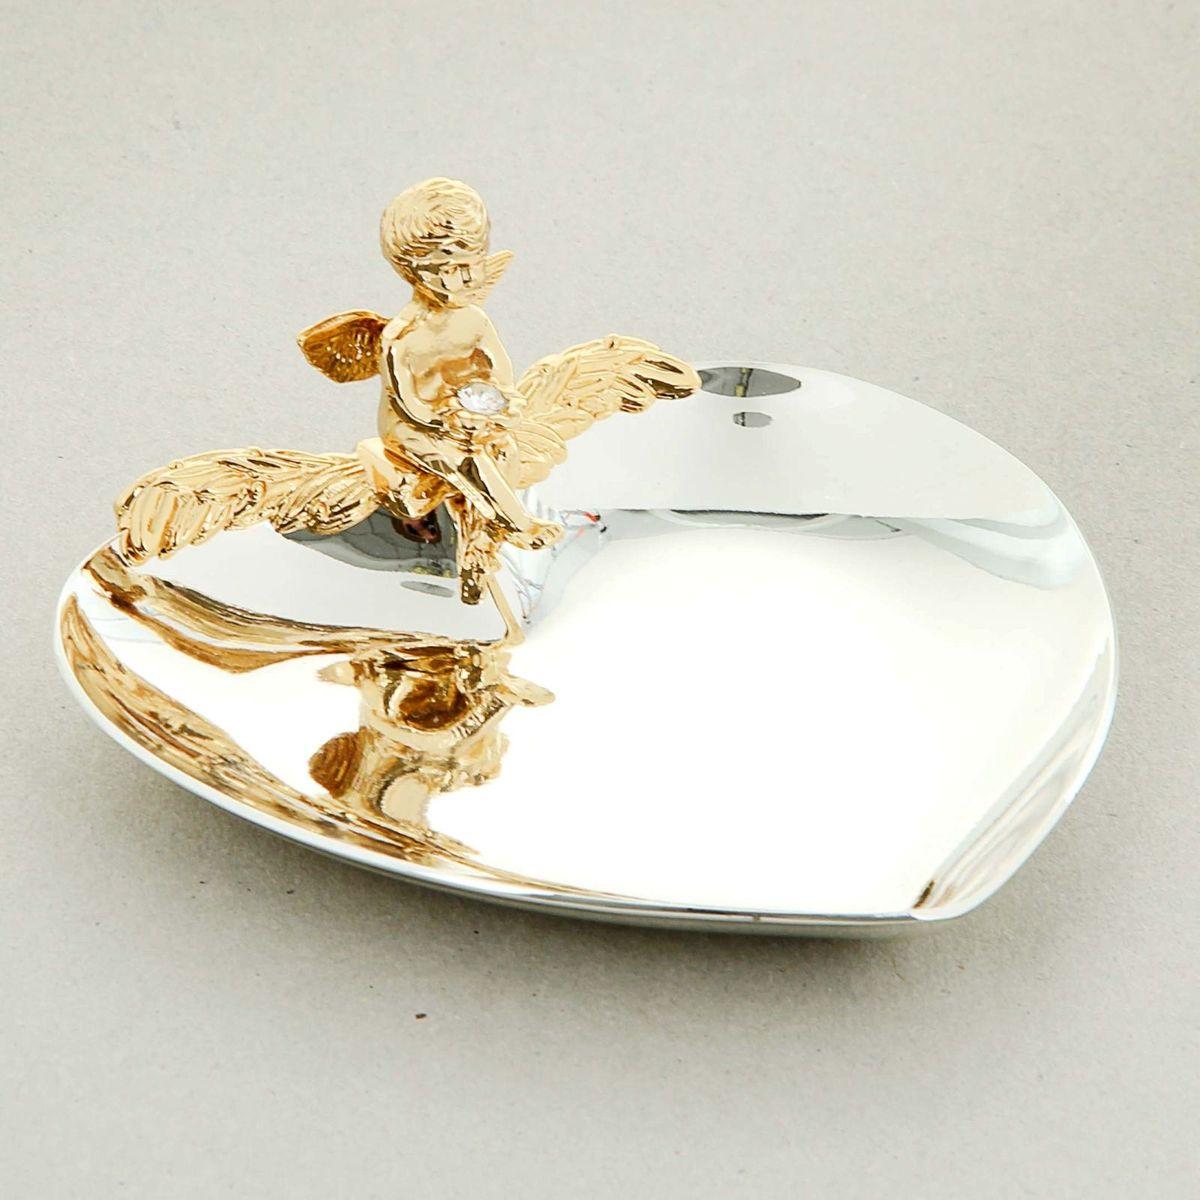 Swarovski Elements Блюдце для колец с ангелом и хрусталиками сваровски u7 люкс crown кольца для женщин модные 18k gold plated платина кубического циркония обручальные обручальные кольца кольца promise